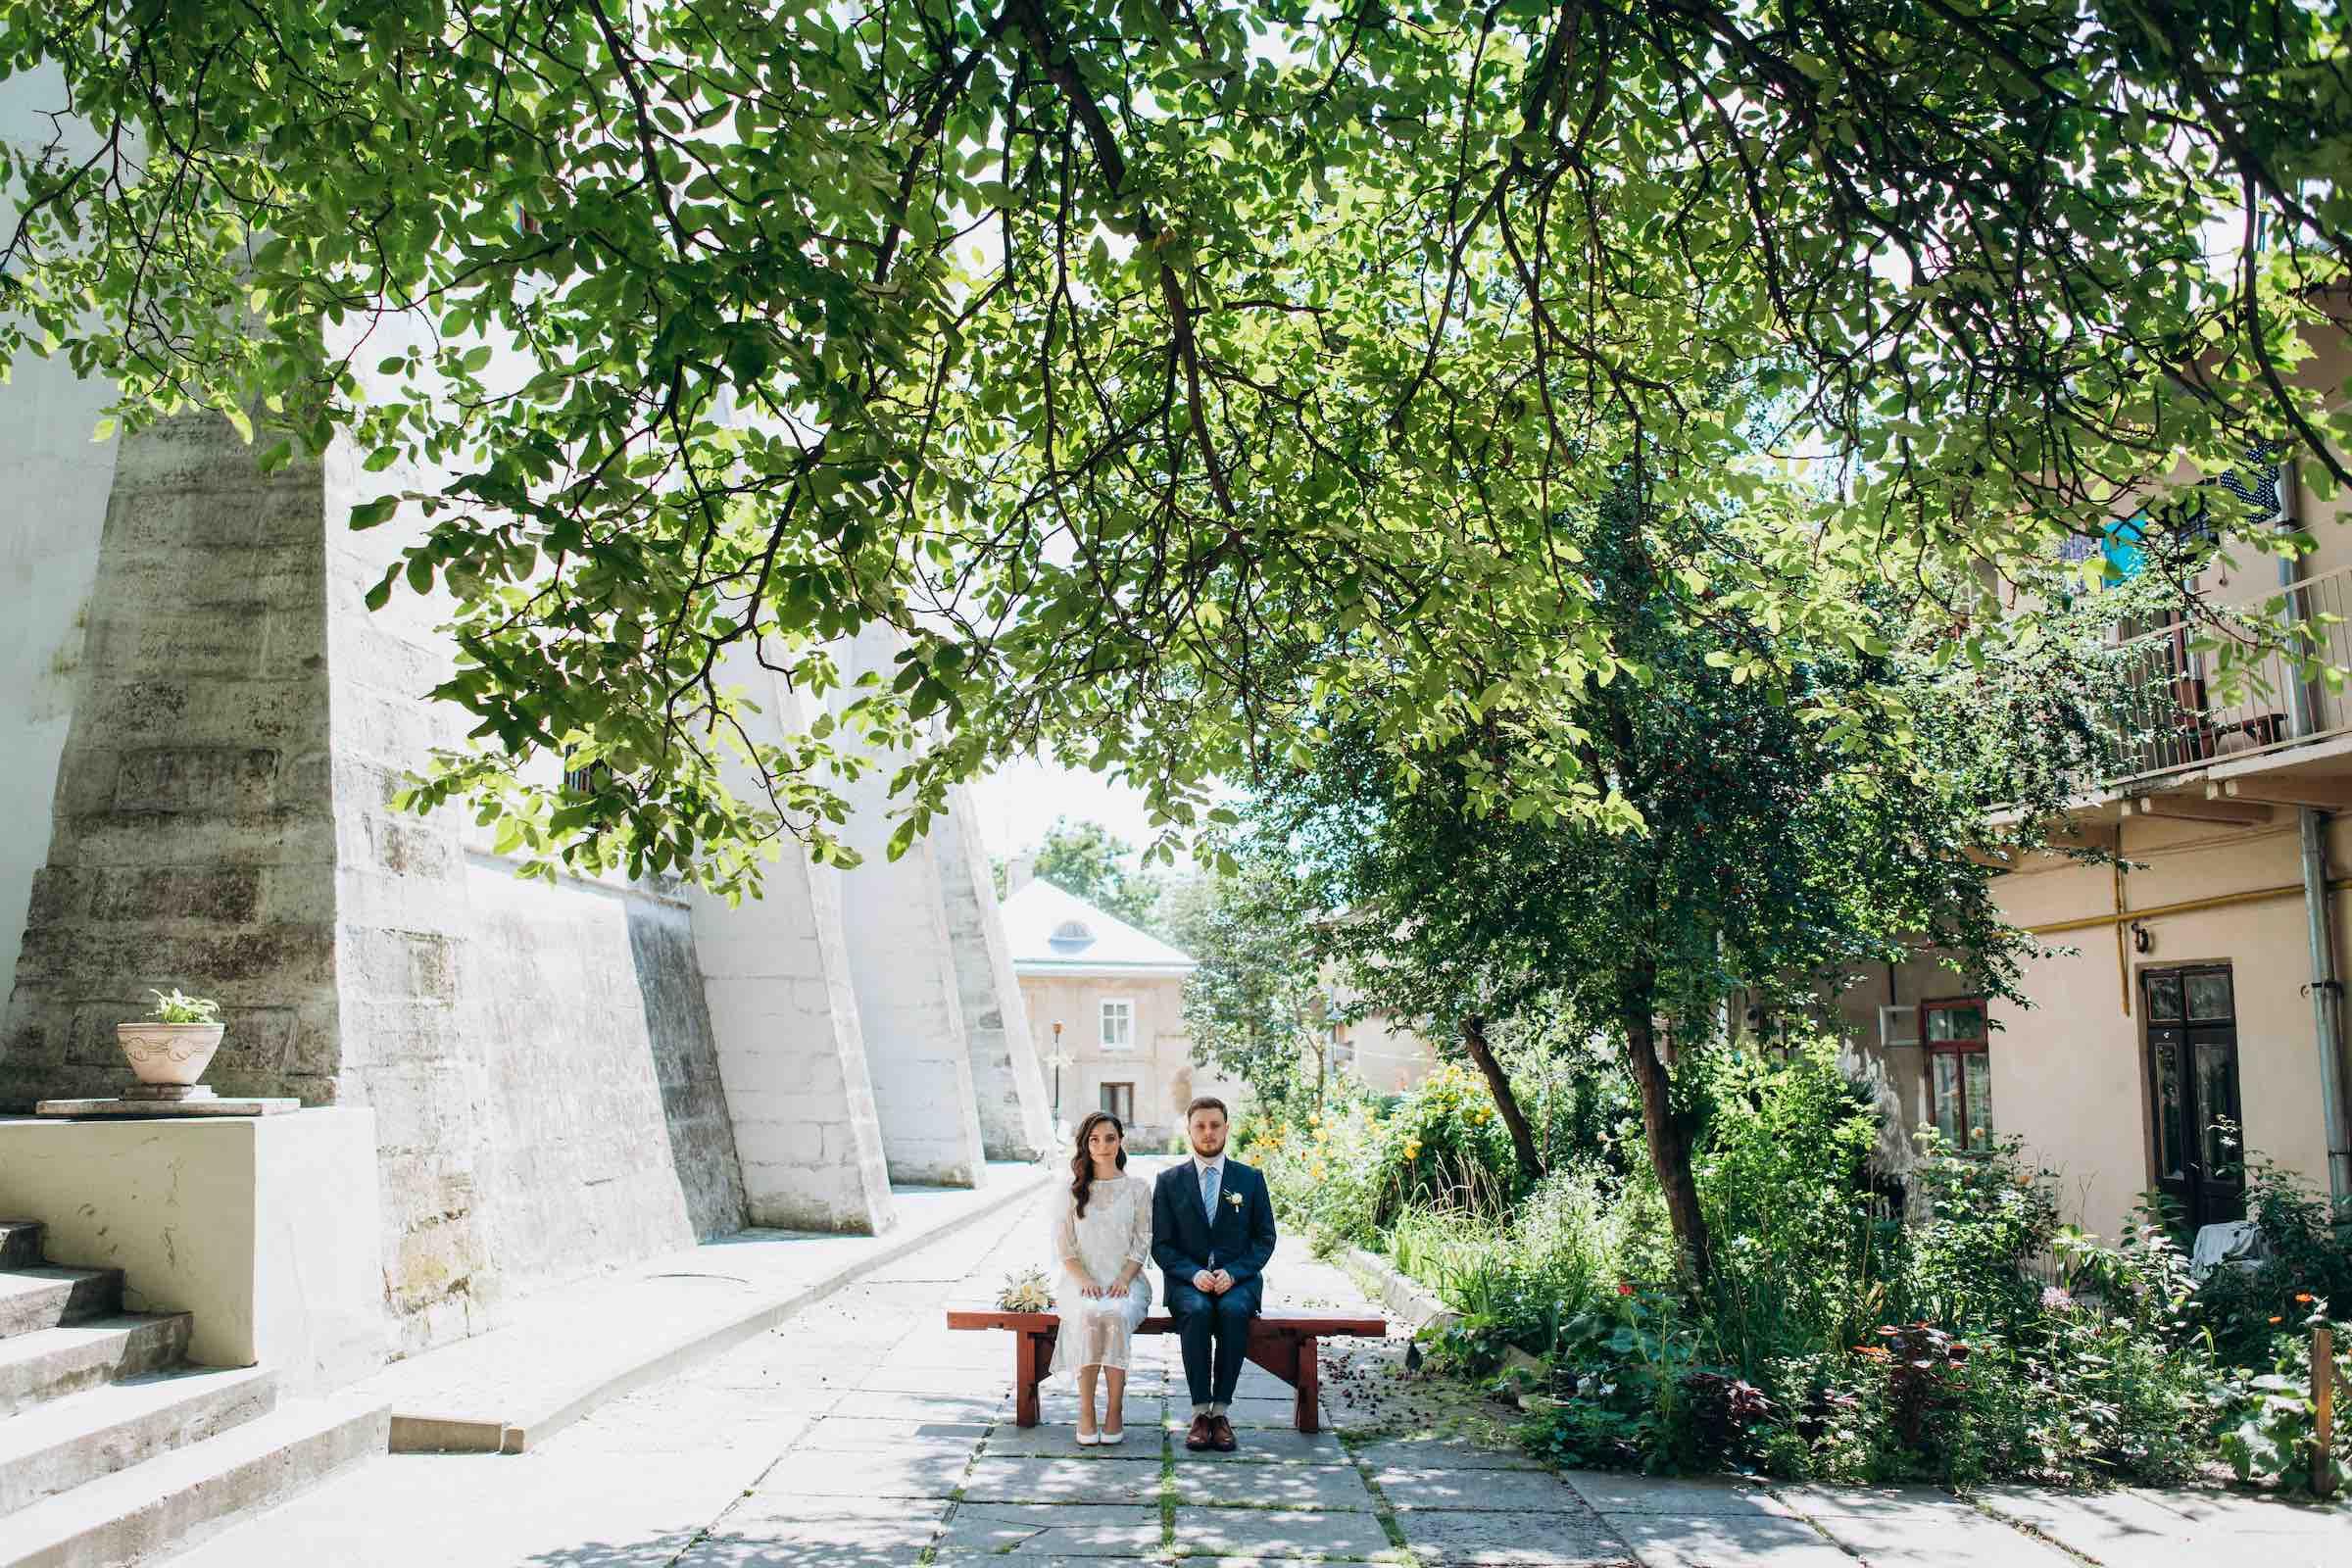 Hochzeitsfotografie | Paarshooting | Hannover | Fotograf | Hochzeit | Braunschweig | Mieten | Buchen | Lehmann | Eventservice